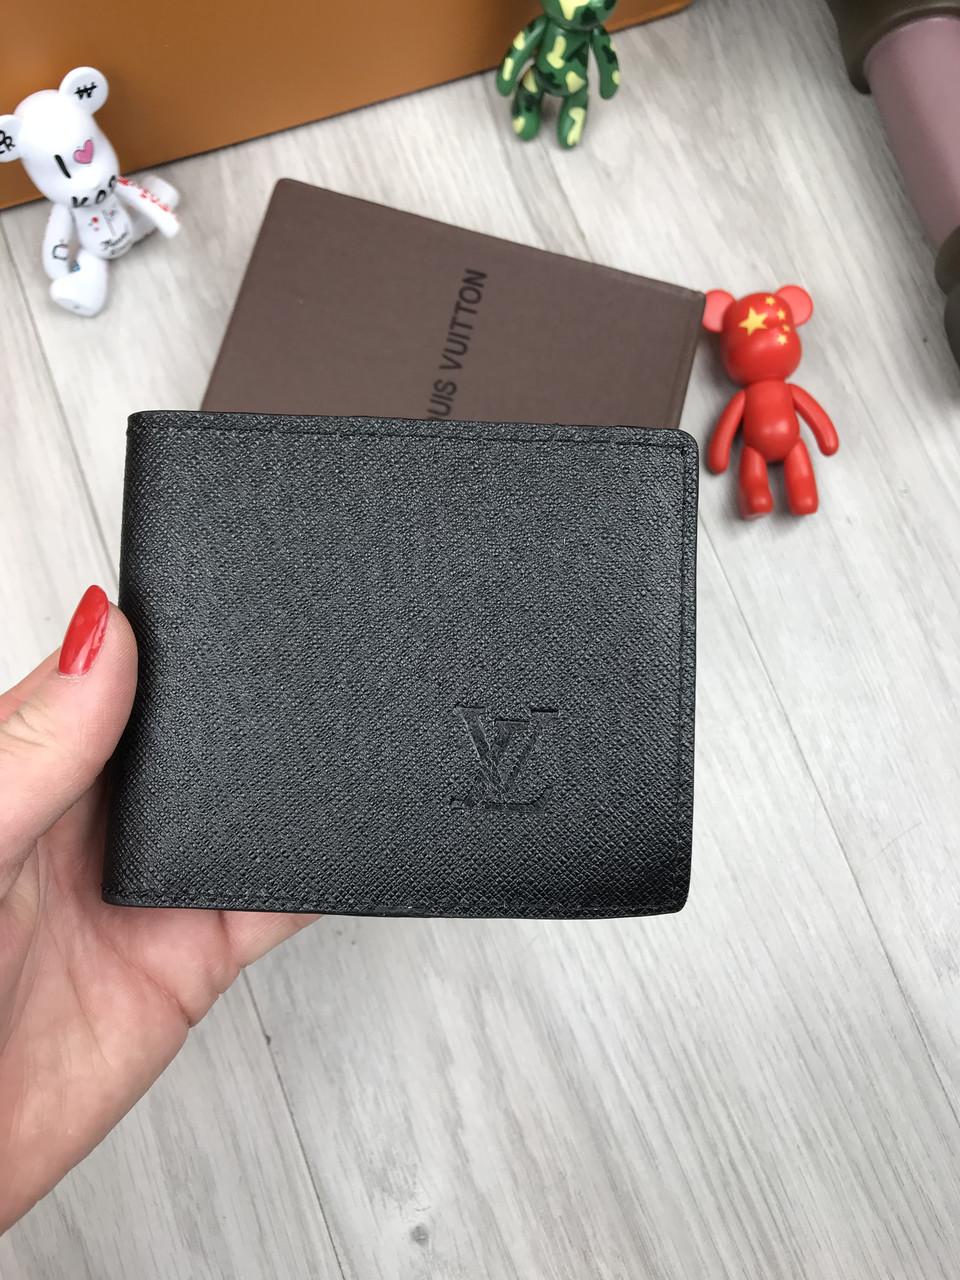 a2edeb6b52a0 Кошелек клатч портмоне бумажник мужской женский Louis Vuitton премиум  реплика AAA+ - AMARKET - Интернет-